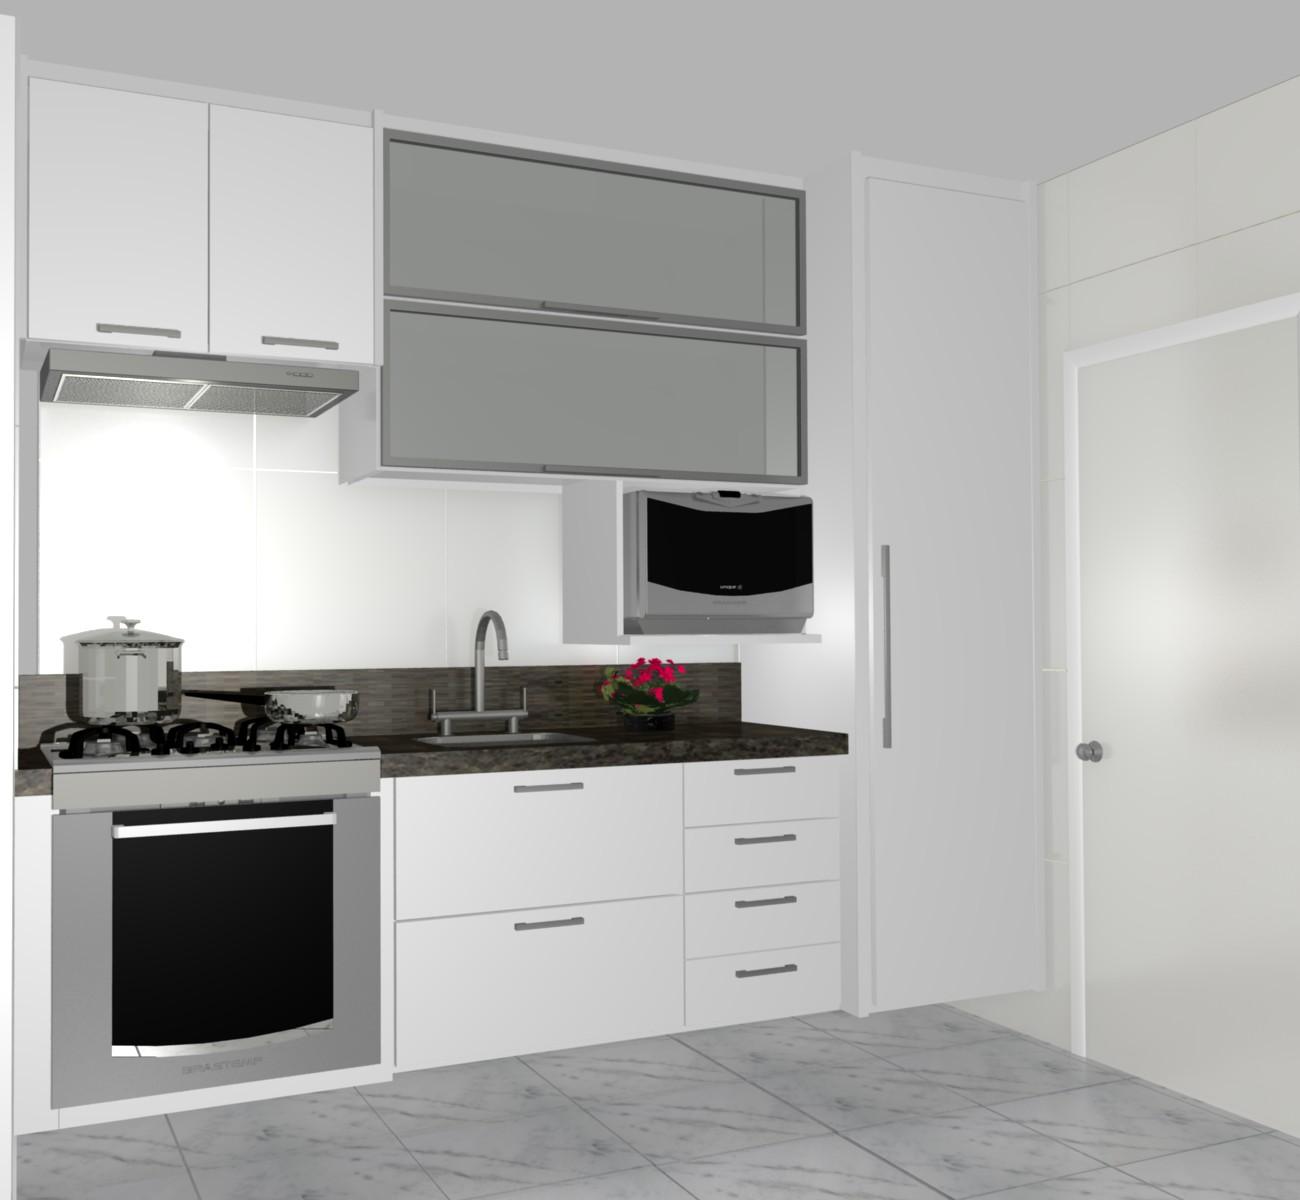 Cozinhas planejadas #693840 1300 1200